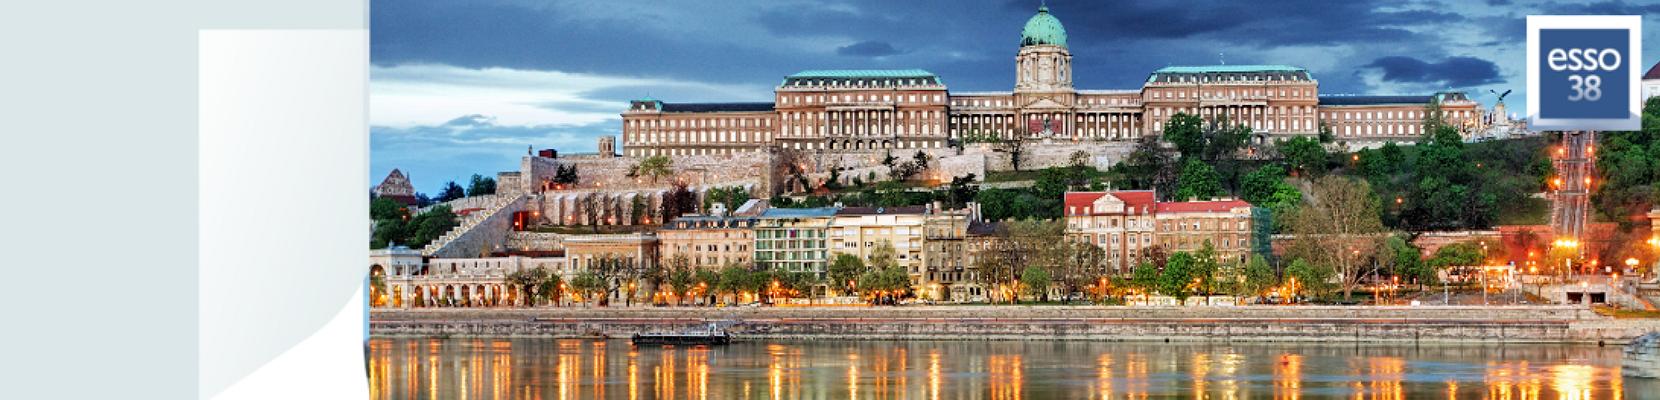 ESSO 38: 10-12 October, Budapest (HU)